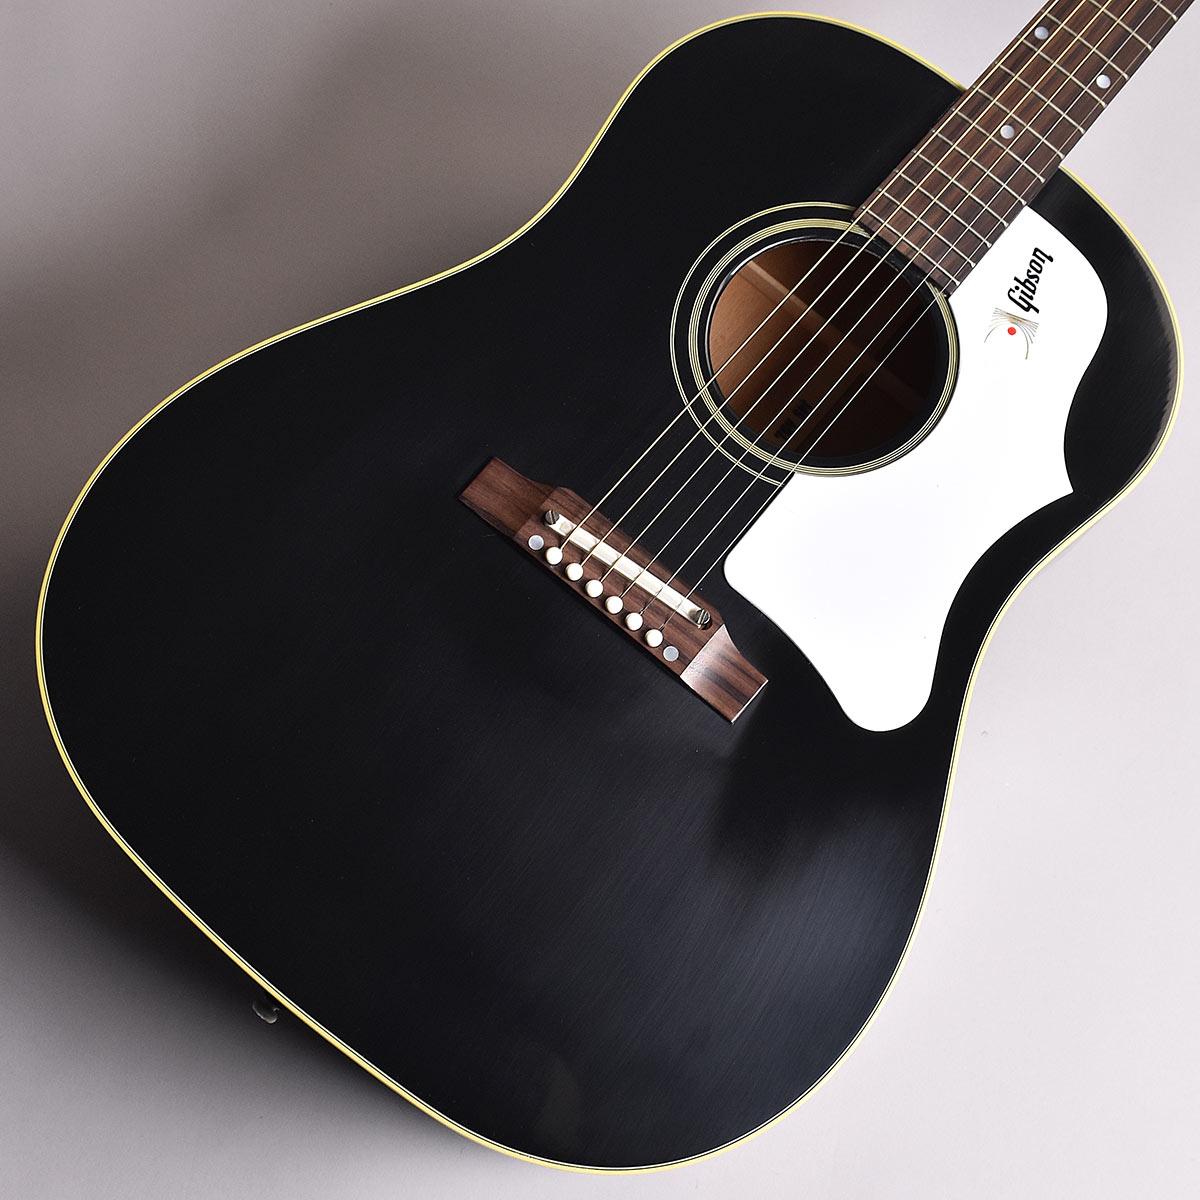 Gibson 1960's Gibson【ギブソン【限定モデル】 J-45 Ebony ADJ VOS S/N:13487069【限定モデル】【ギブソン J45】【未展示品】, オートパーツエージェンシー2号店:d1a0000b --- sunward.msk.ru